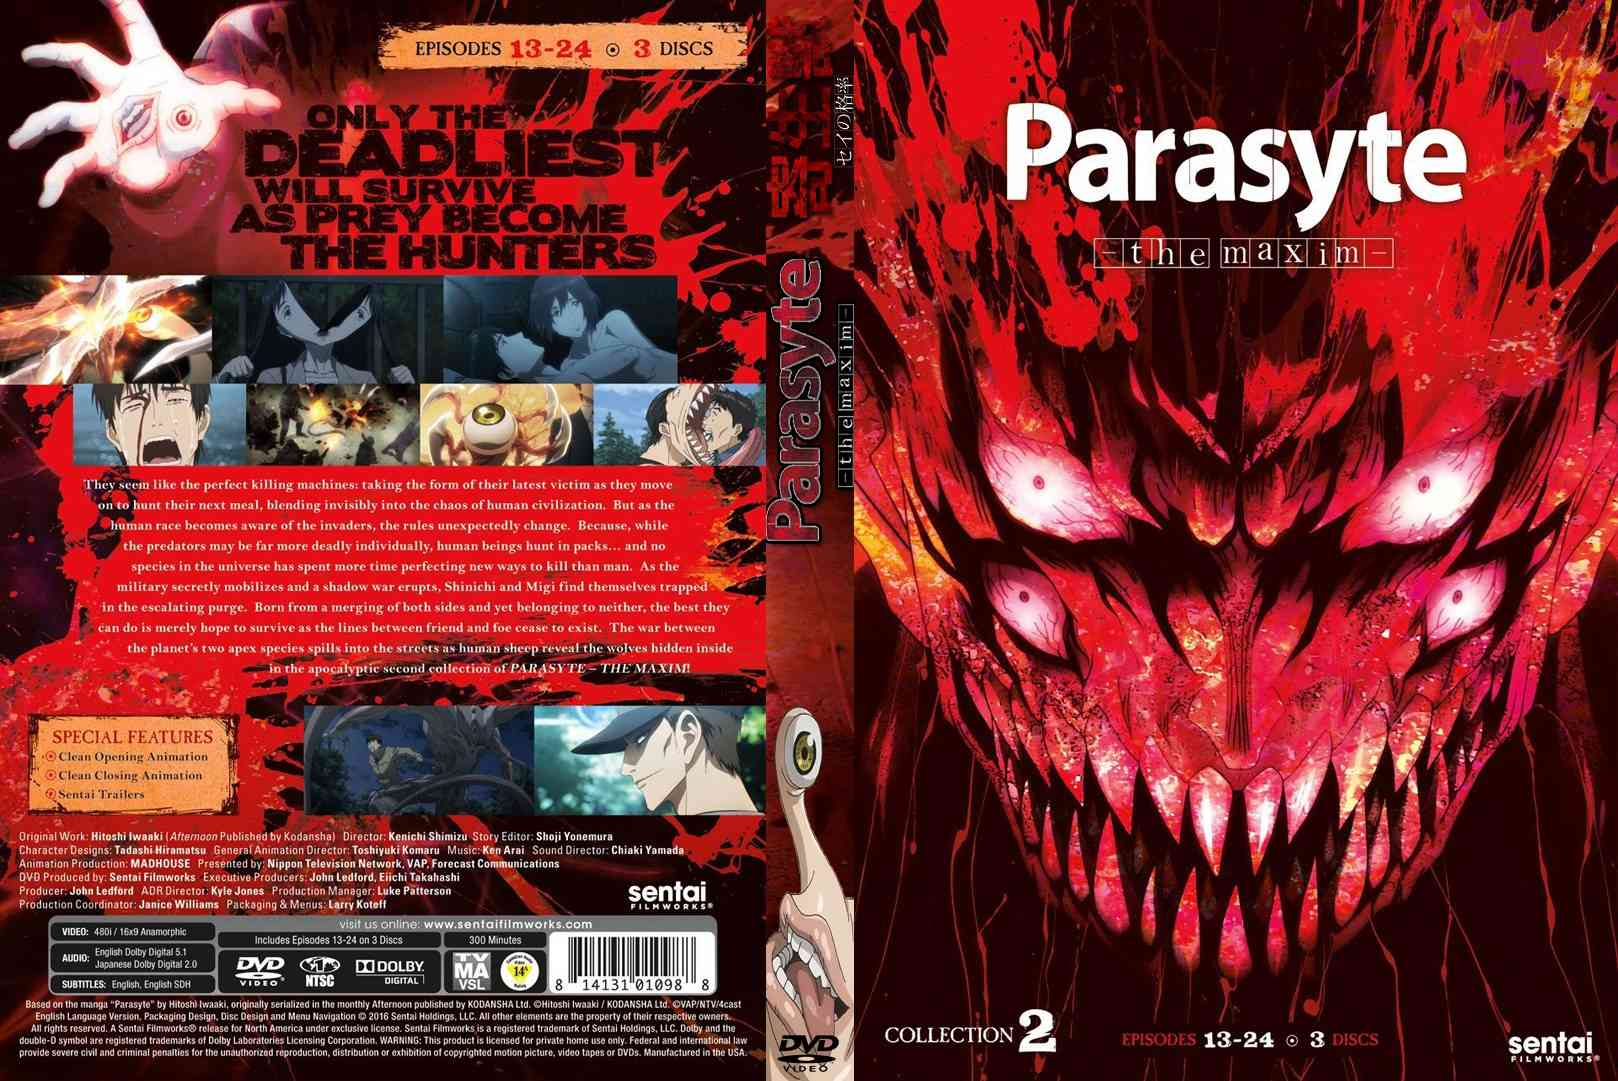 Caratula-COVER | Parasyte en DVD COMPLETA Parasy10